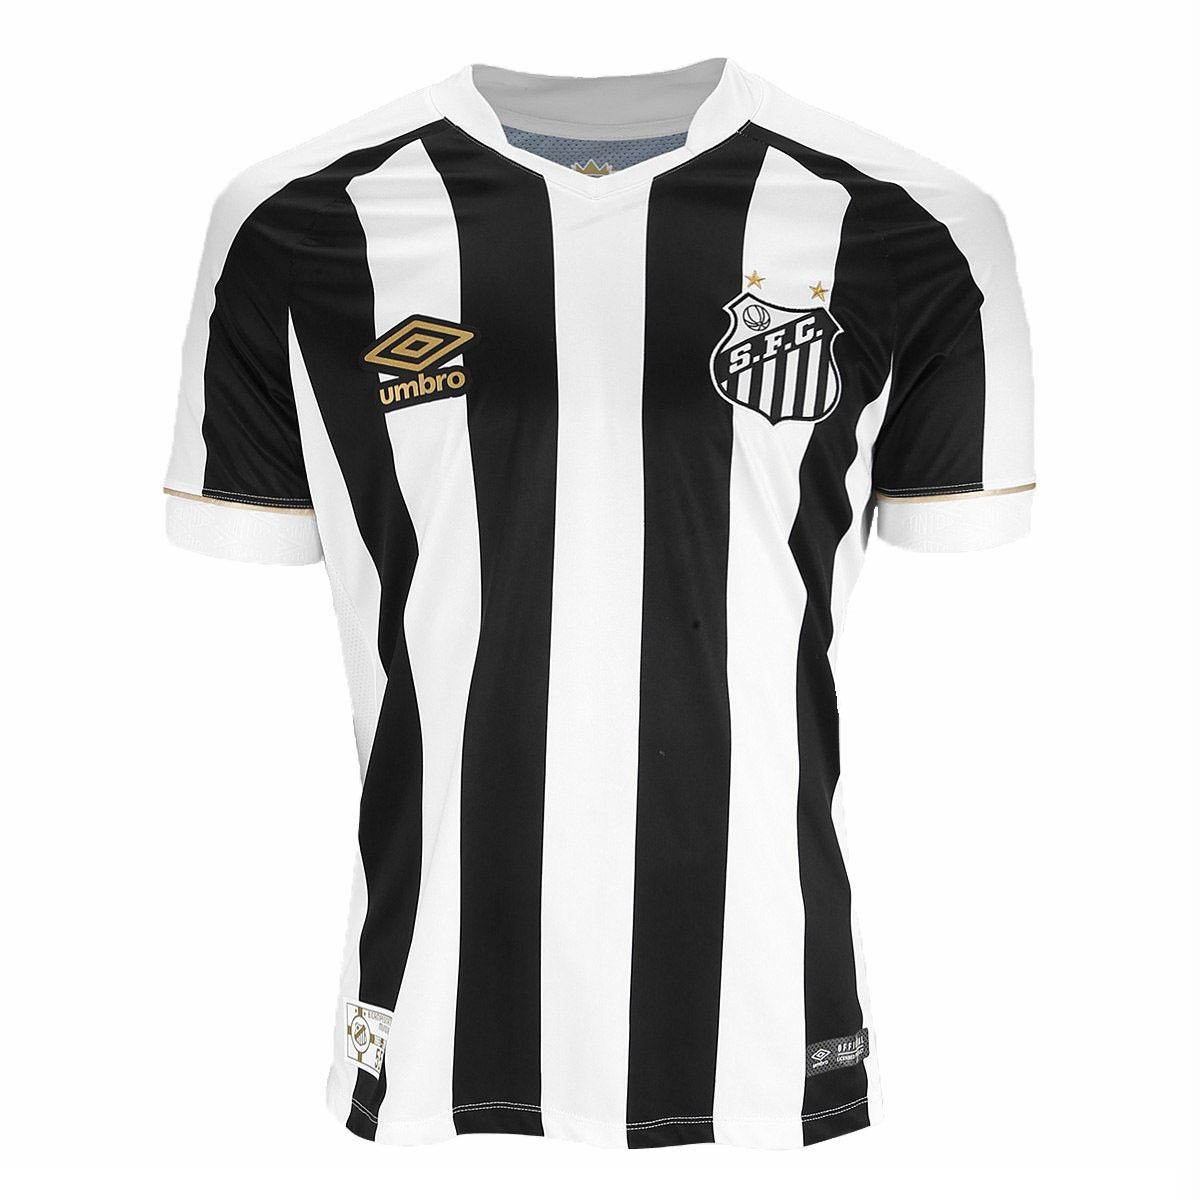 camisa santos oficial umbro 2018 19 listrada original. Carregando zoom. a4d80eb37a99e